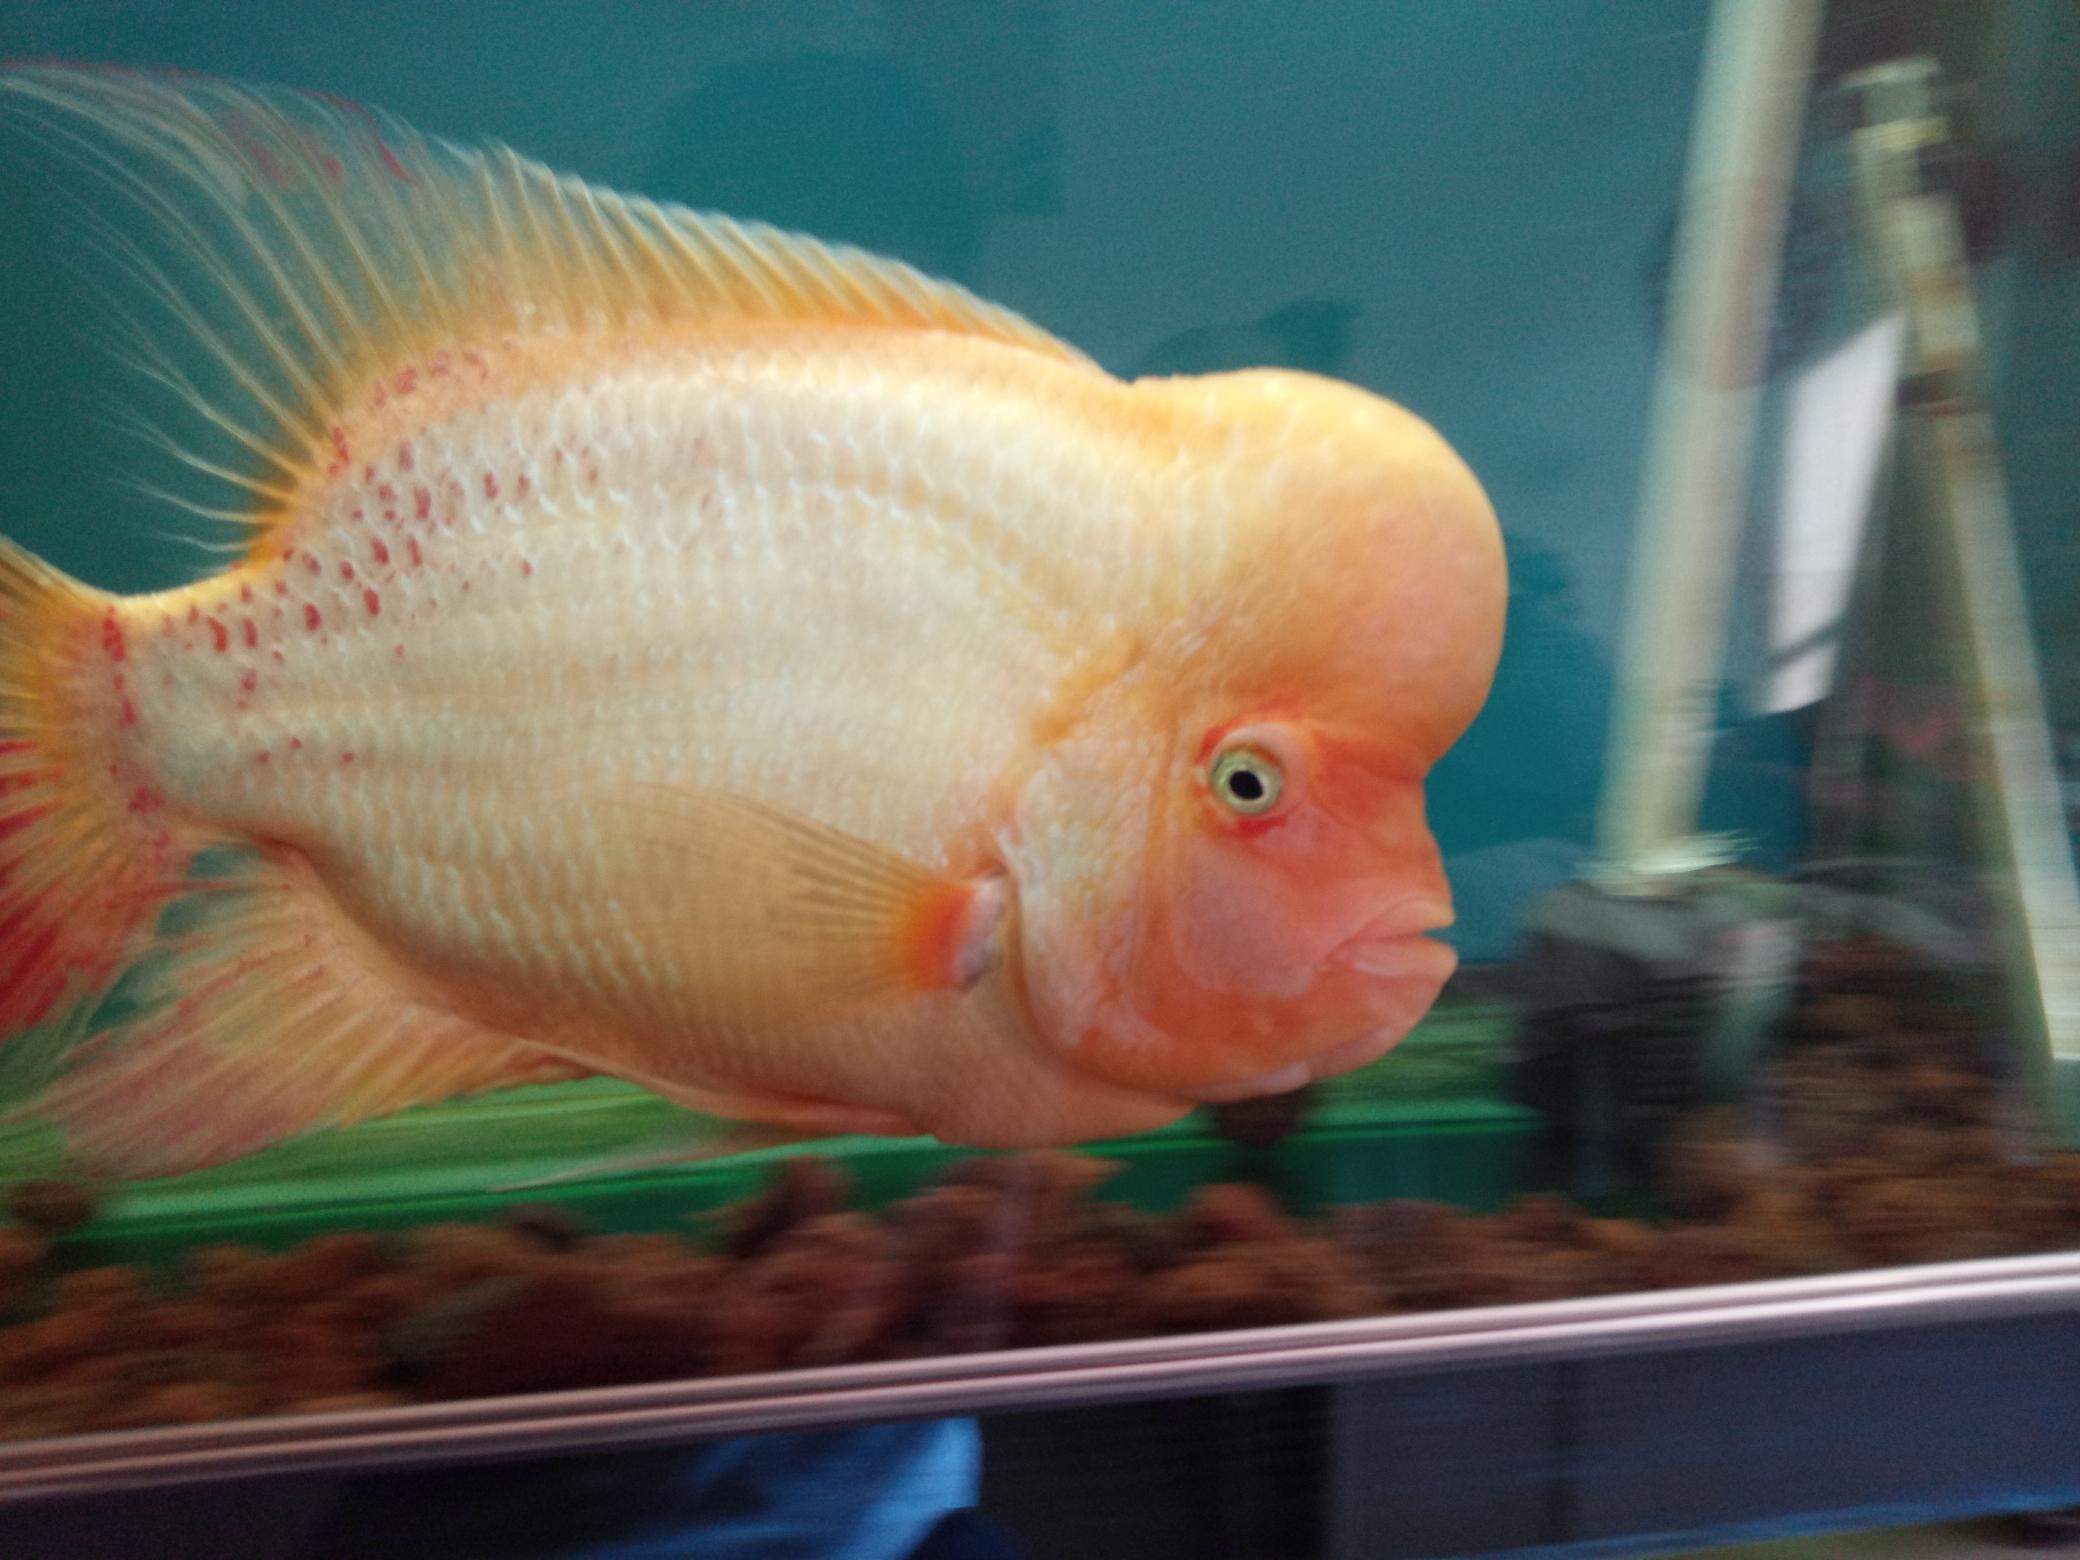 自繁金花记录罗汉鱼 合肥观赏鱼 合肥龙鱼第24张